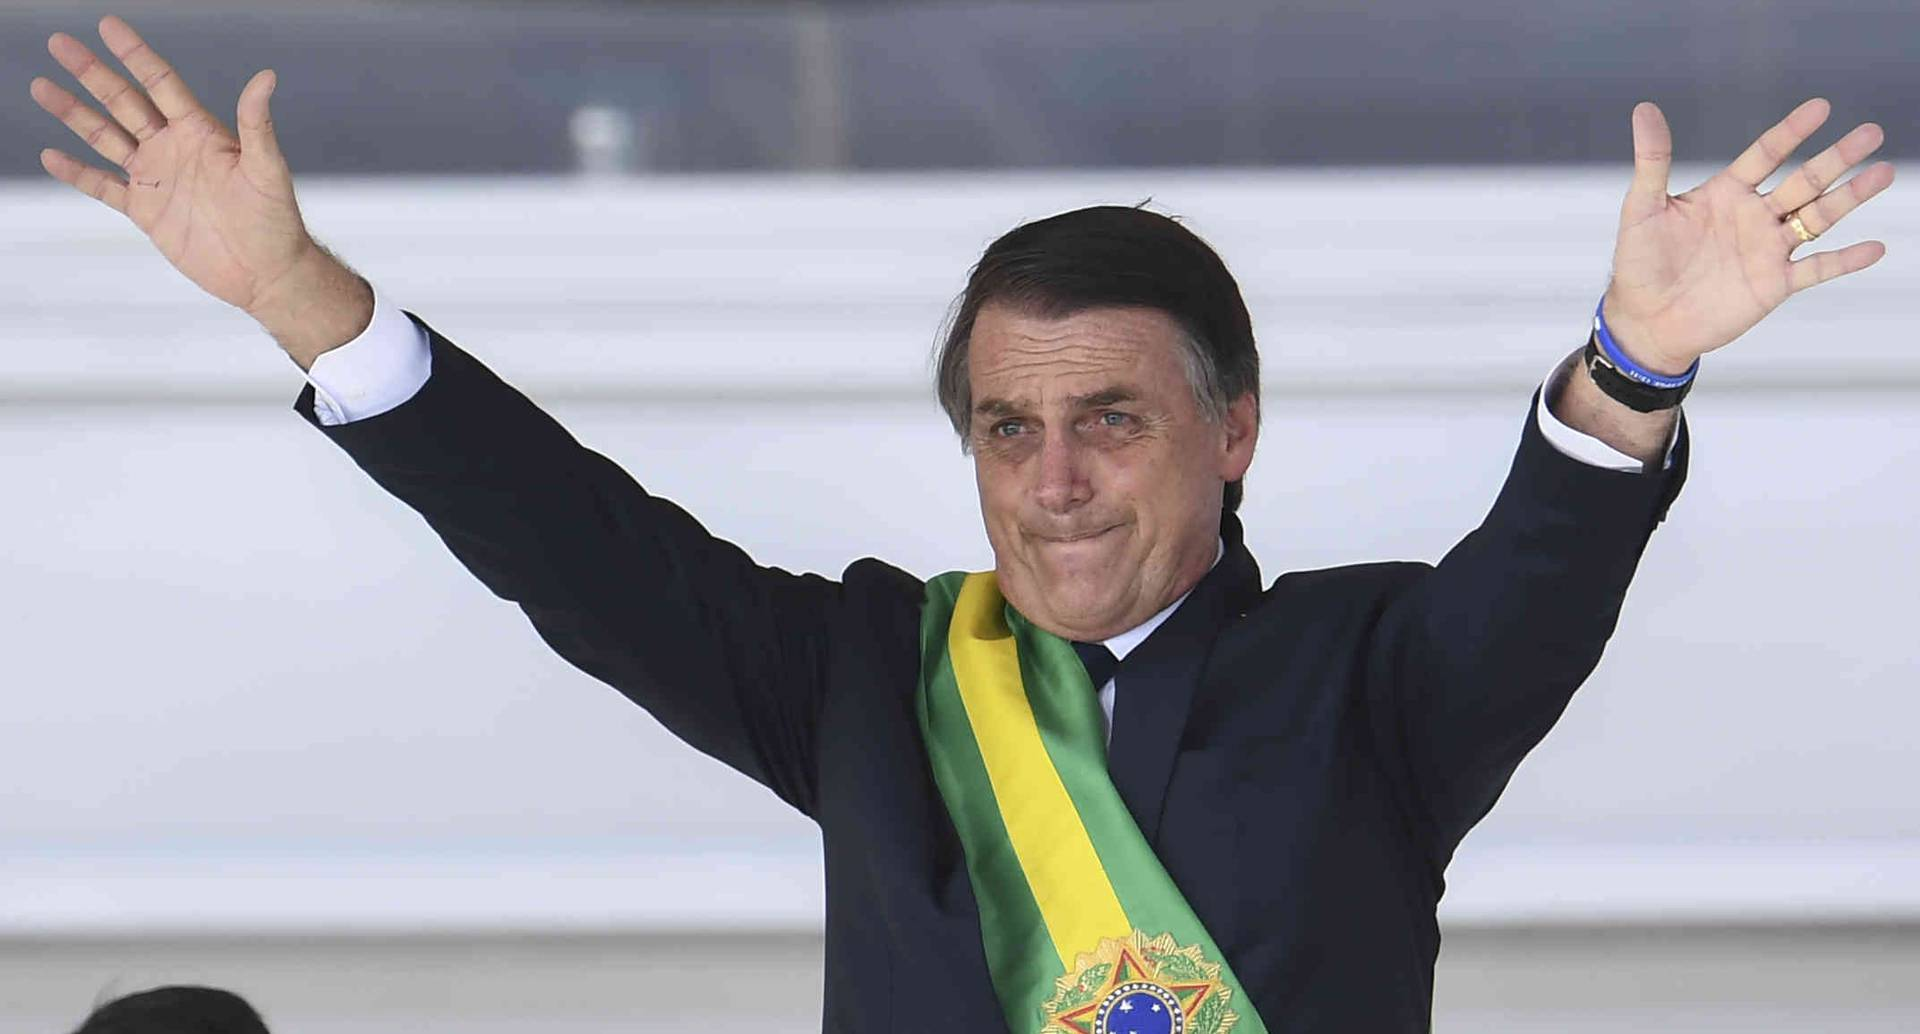 En sus primeros 100 días de gobierno, el presidente brasileño Jair Bolsonaro enfrenta una caída de su popularidad.